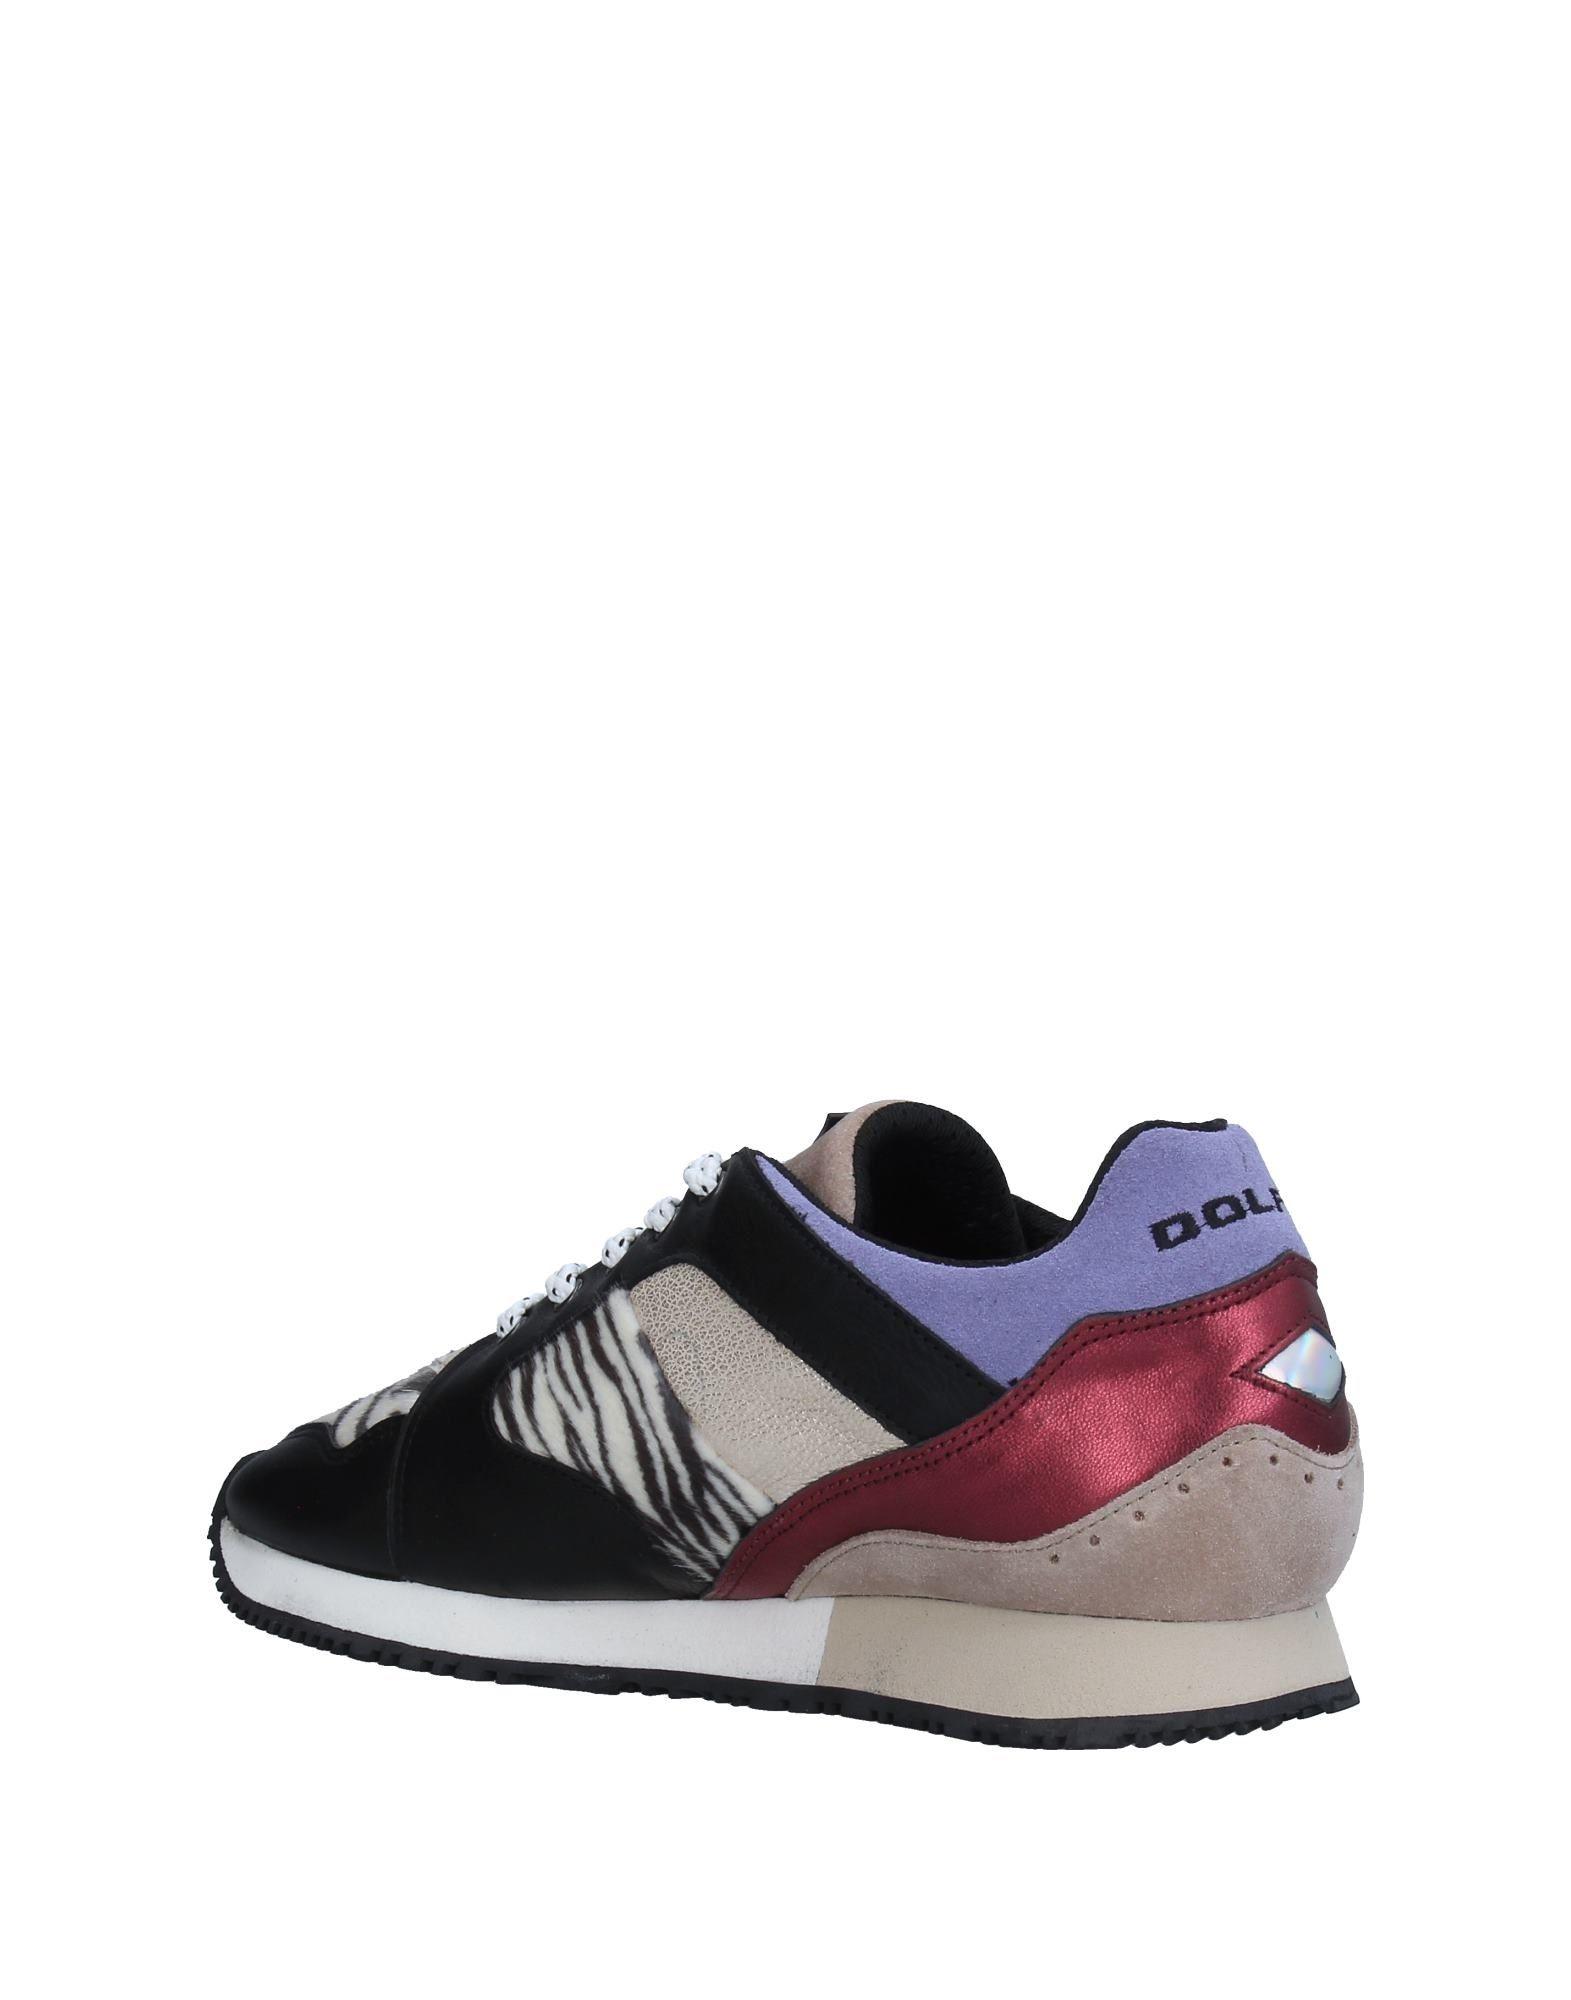 Dolfie 11279161WB Turnschuhes Damen 11279161WB Dolfie Gute Qualität beliebte Schuhe fd4c16